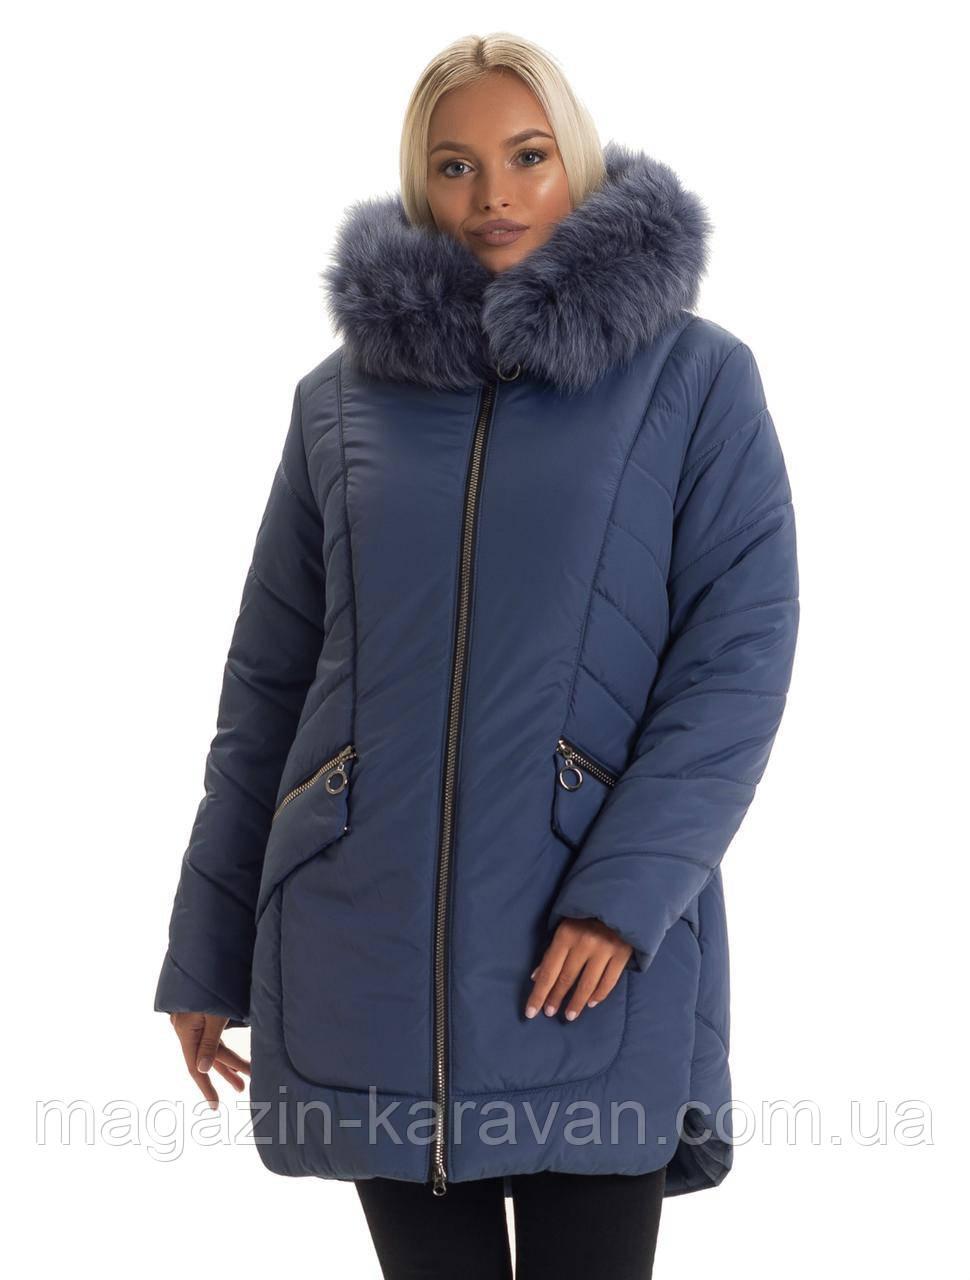 Куртки женские зимние больших размеров (50-62)